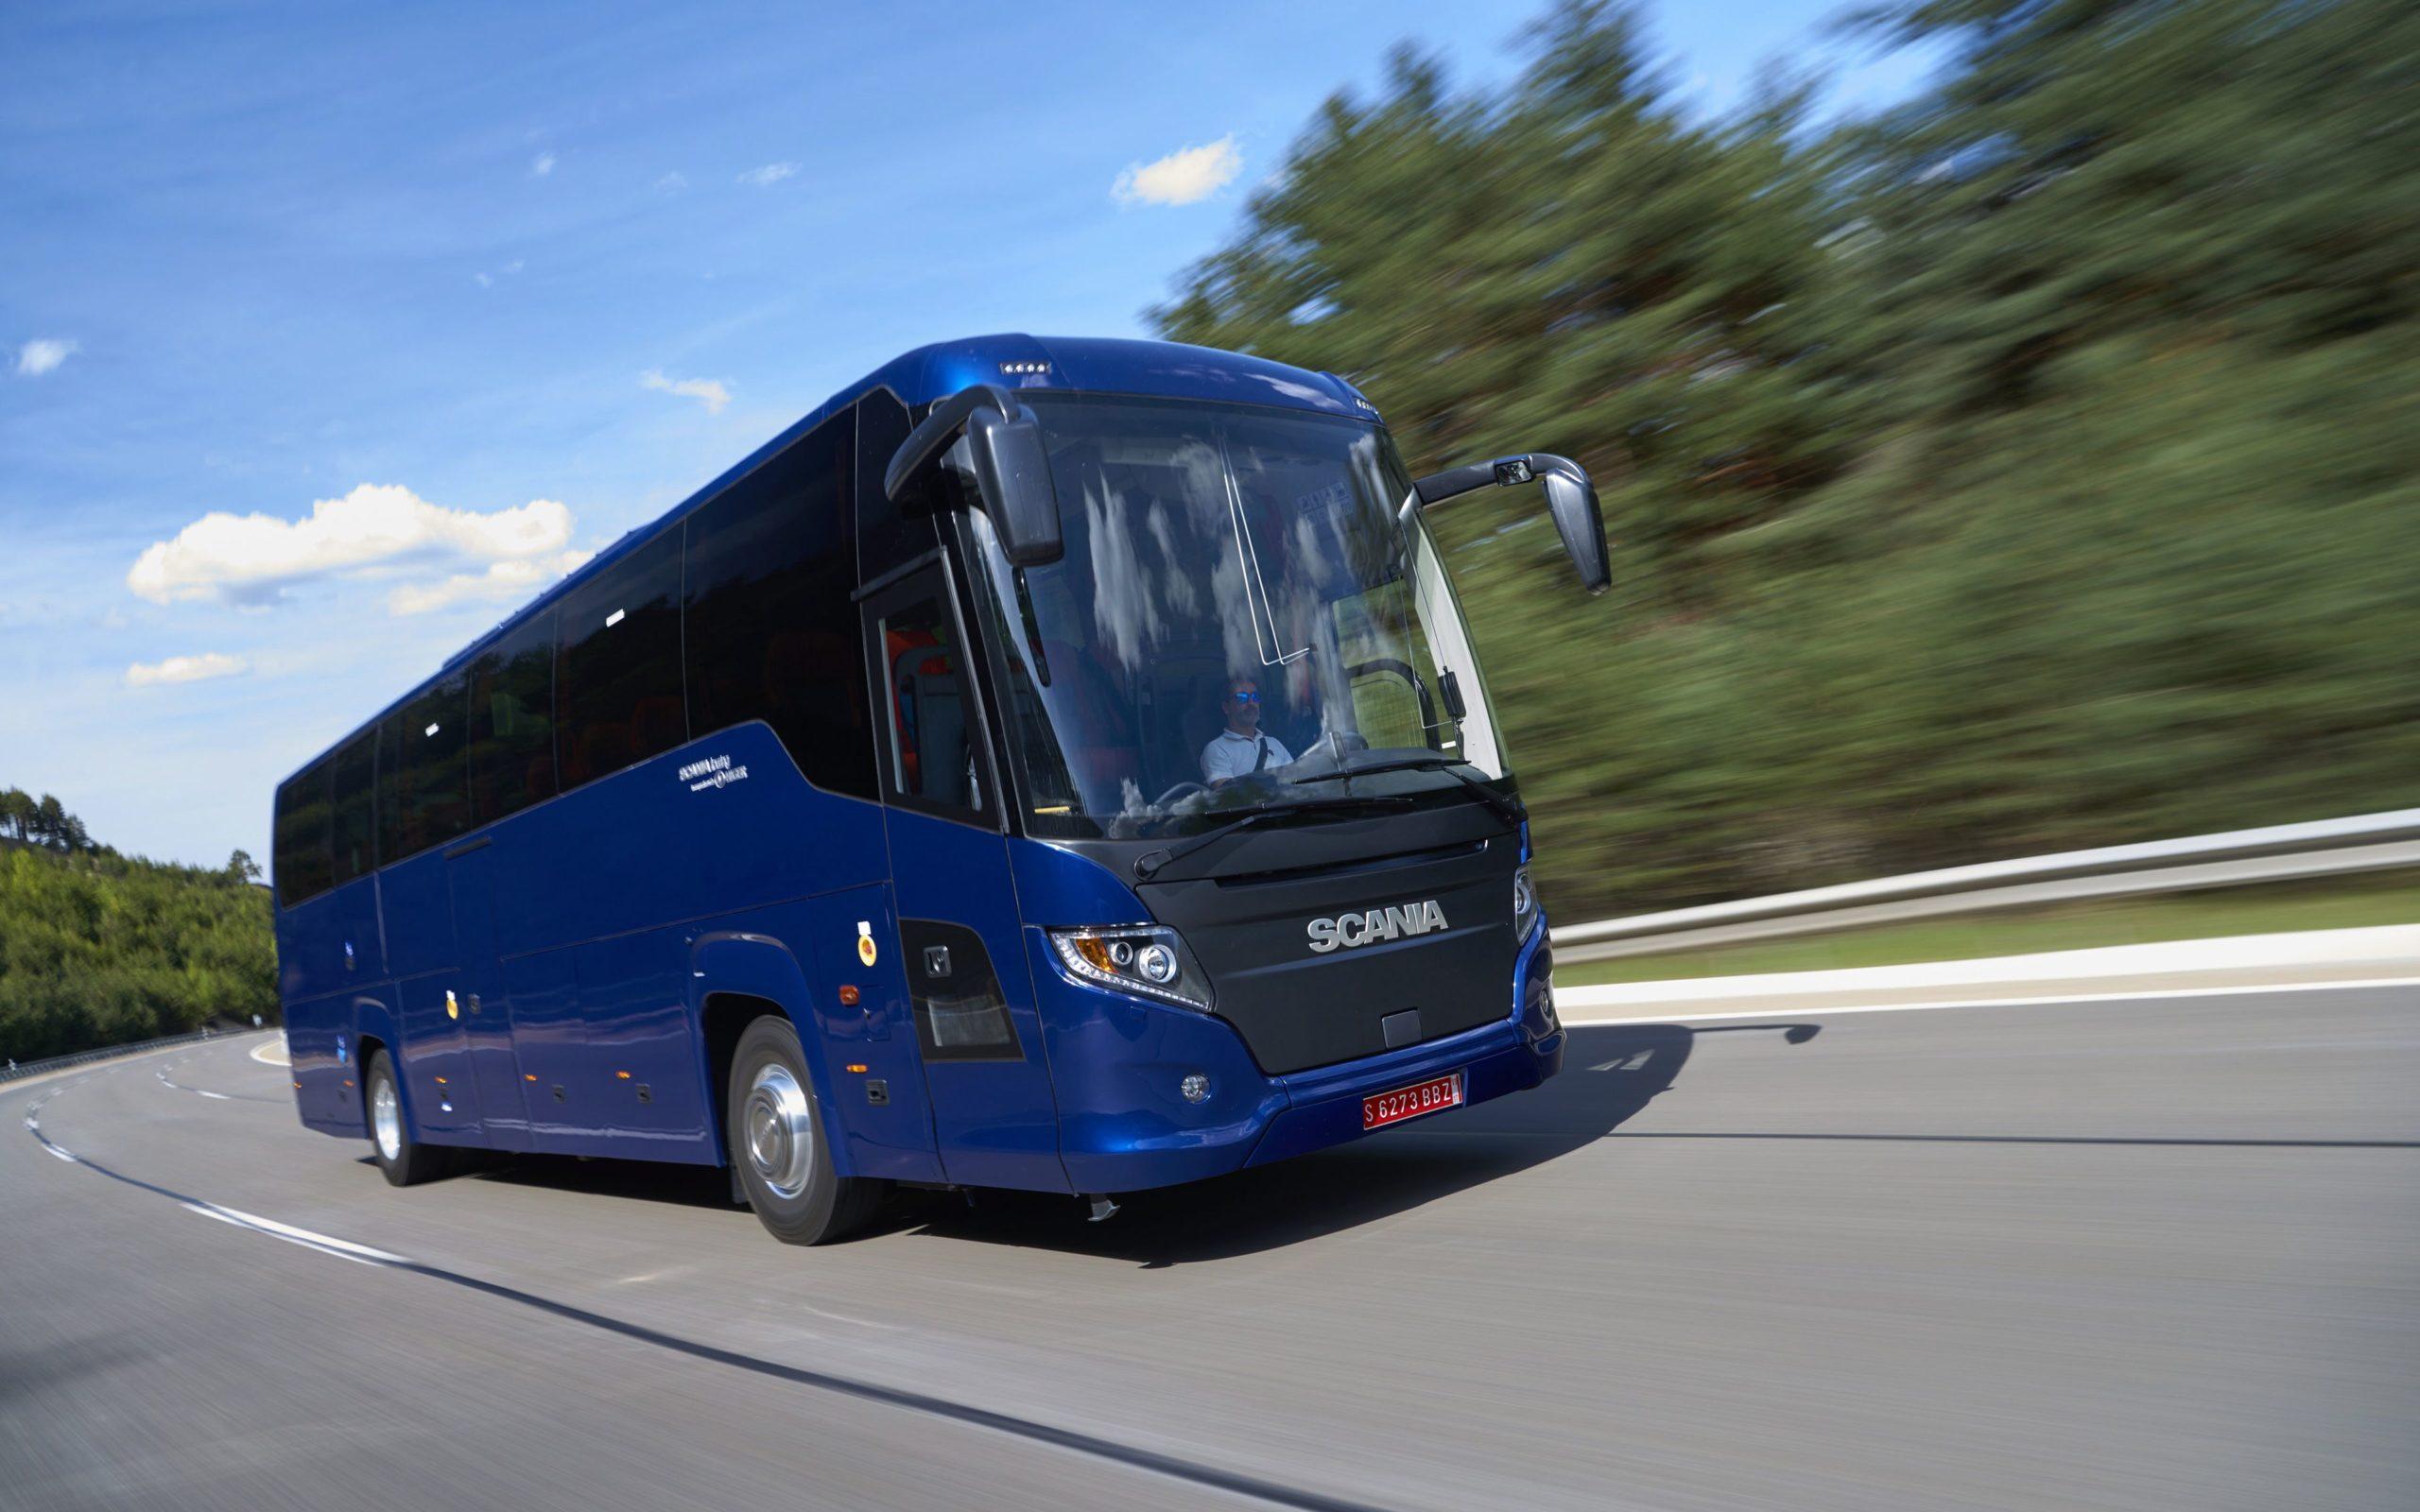 pics of buses